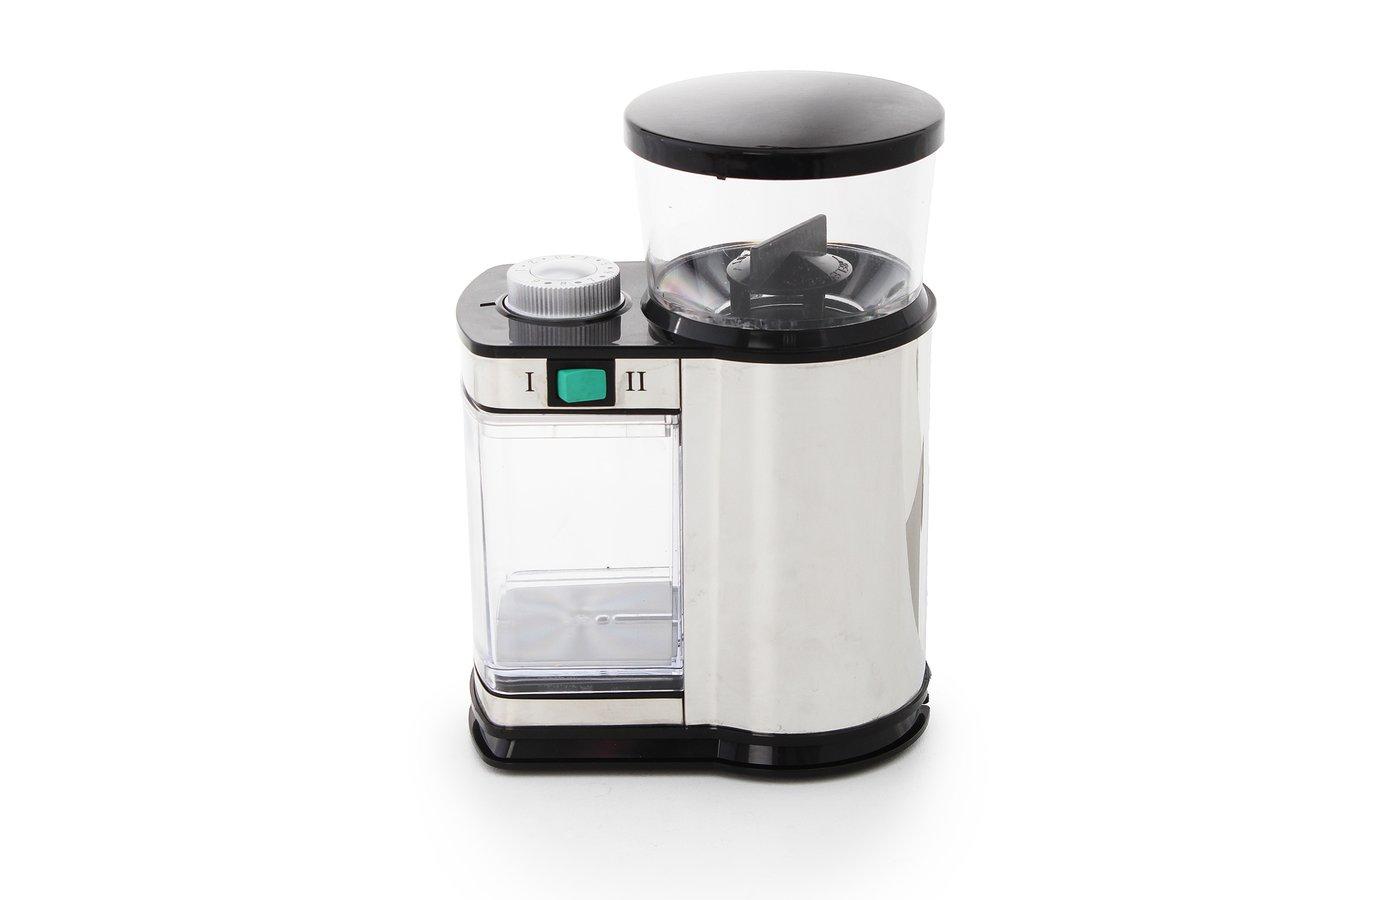 кофемолка Erisson CG-M12S